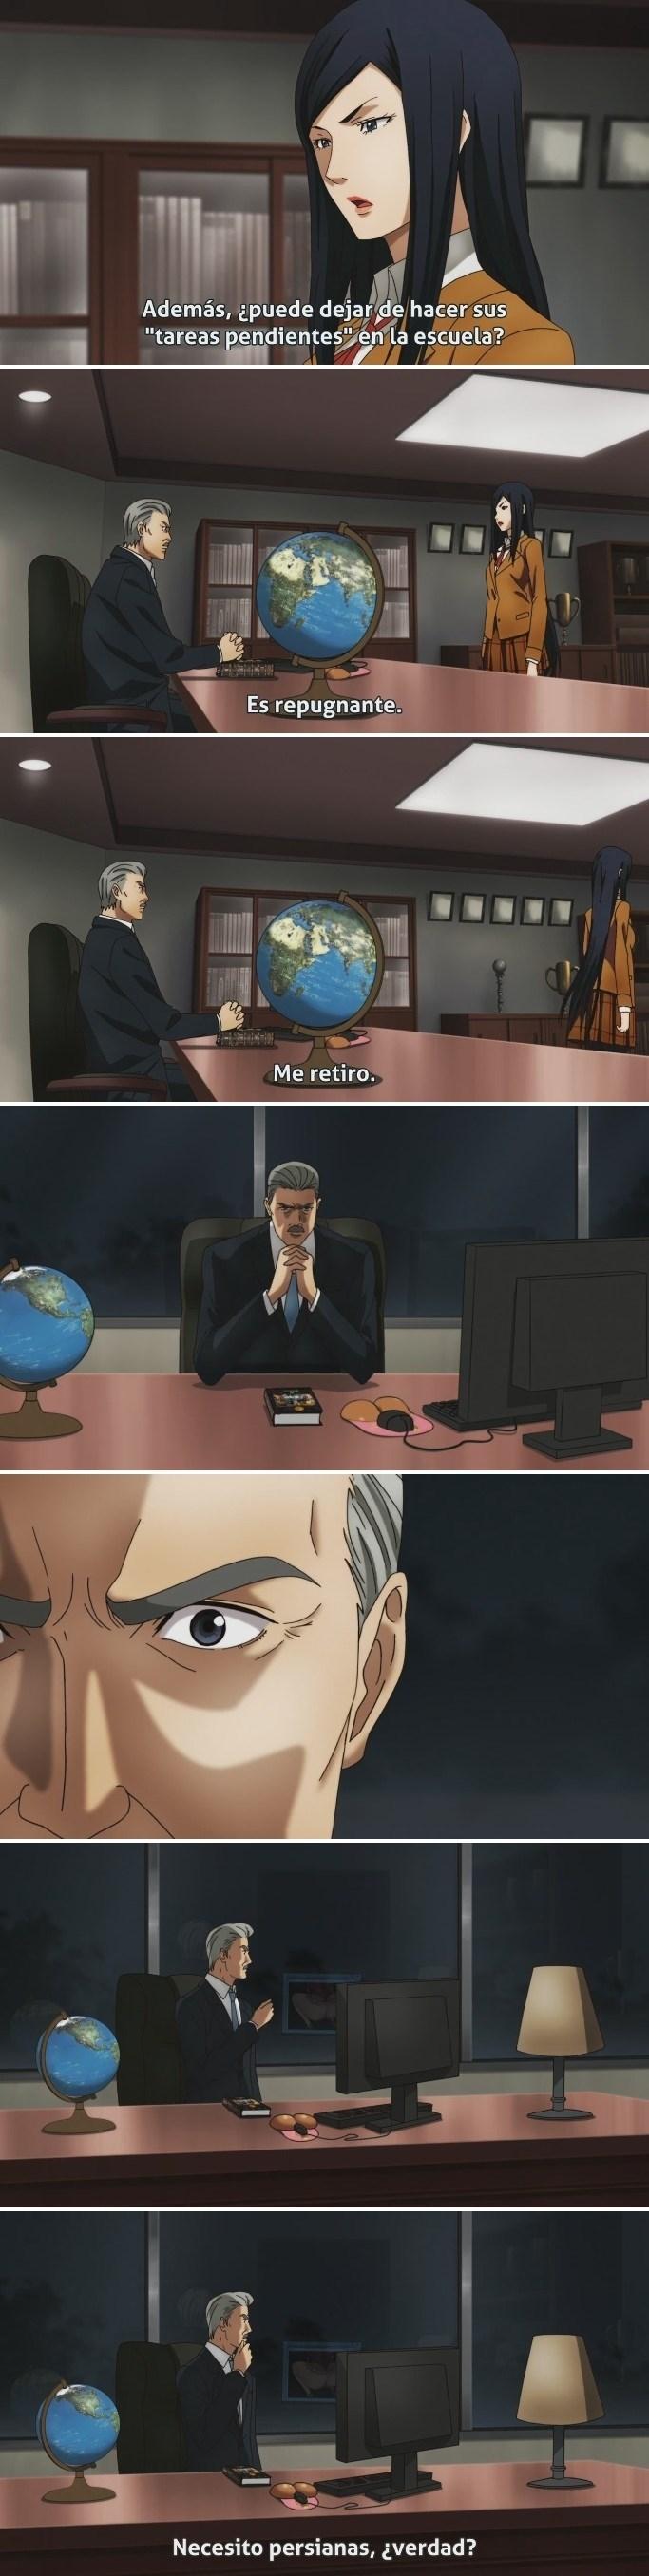 meme de anime sobre los reflejos traicioneros